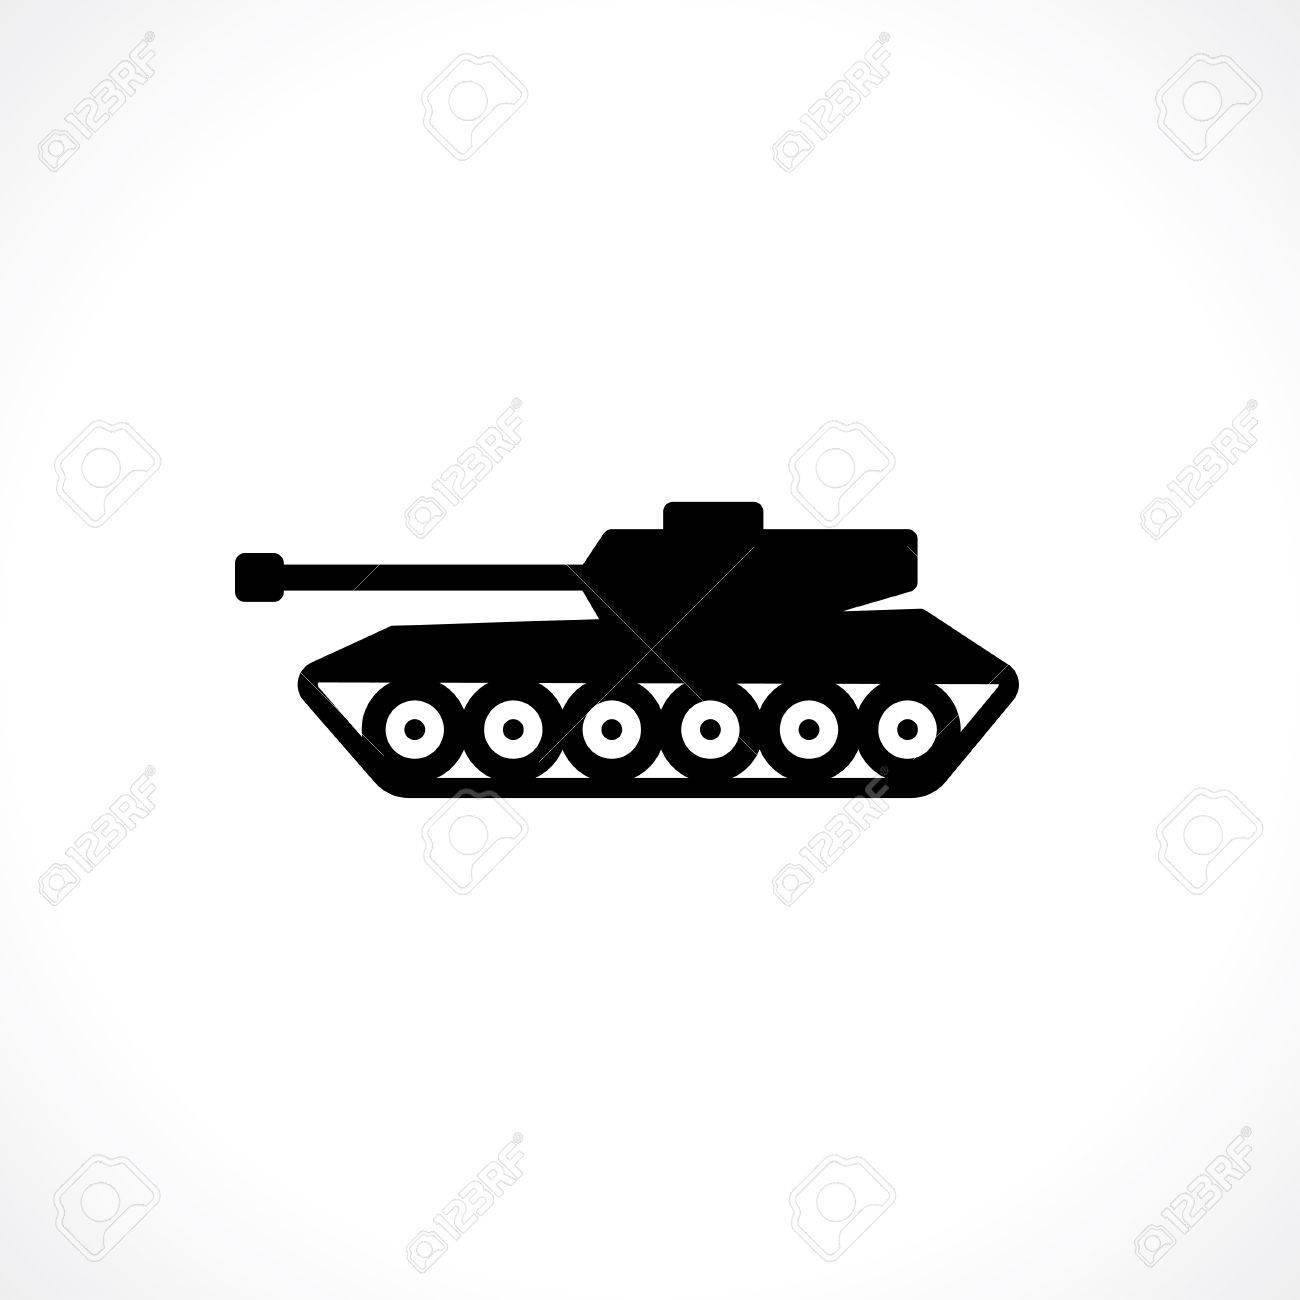 tank icon - 47044353